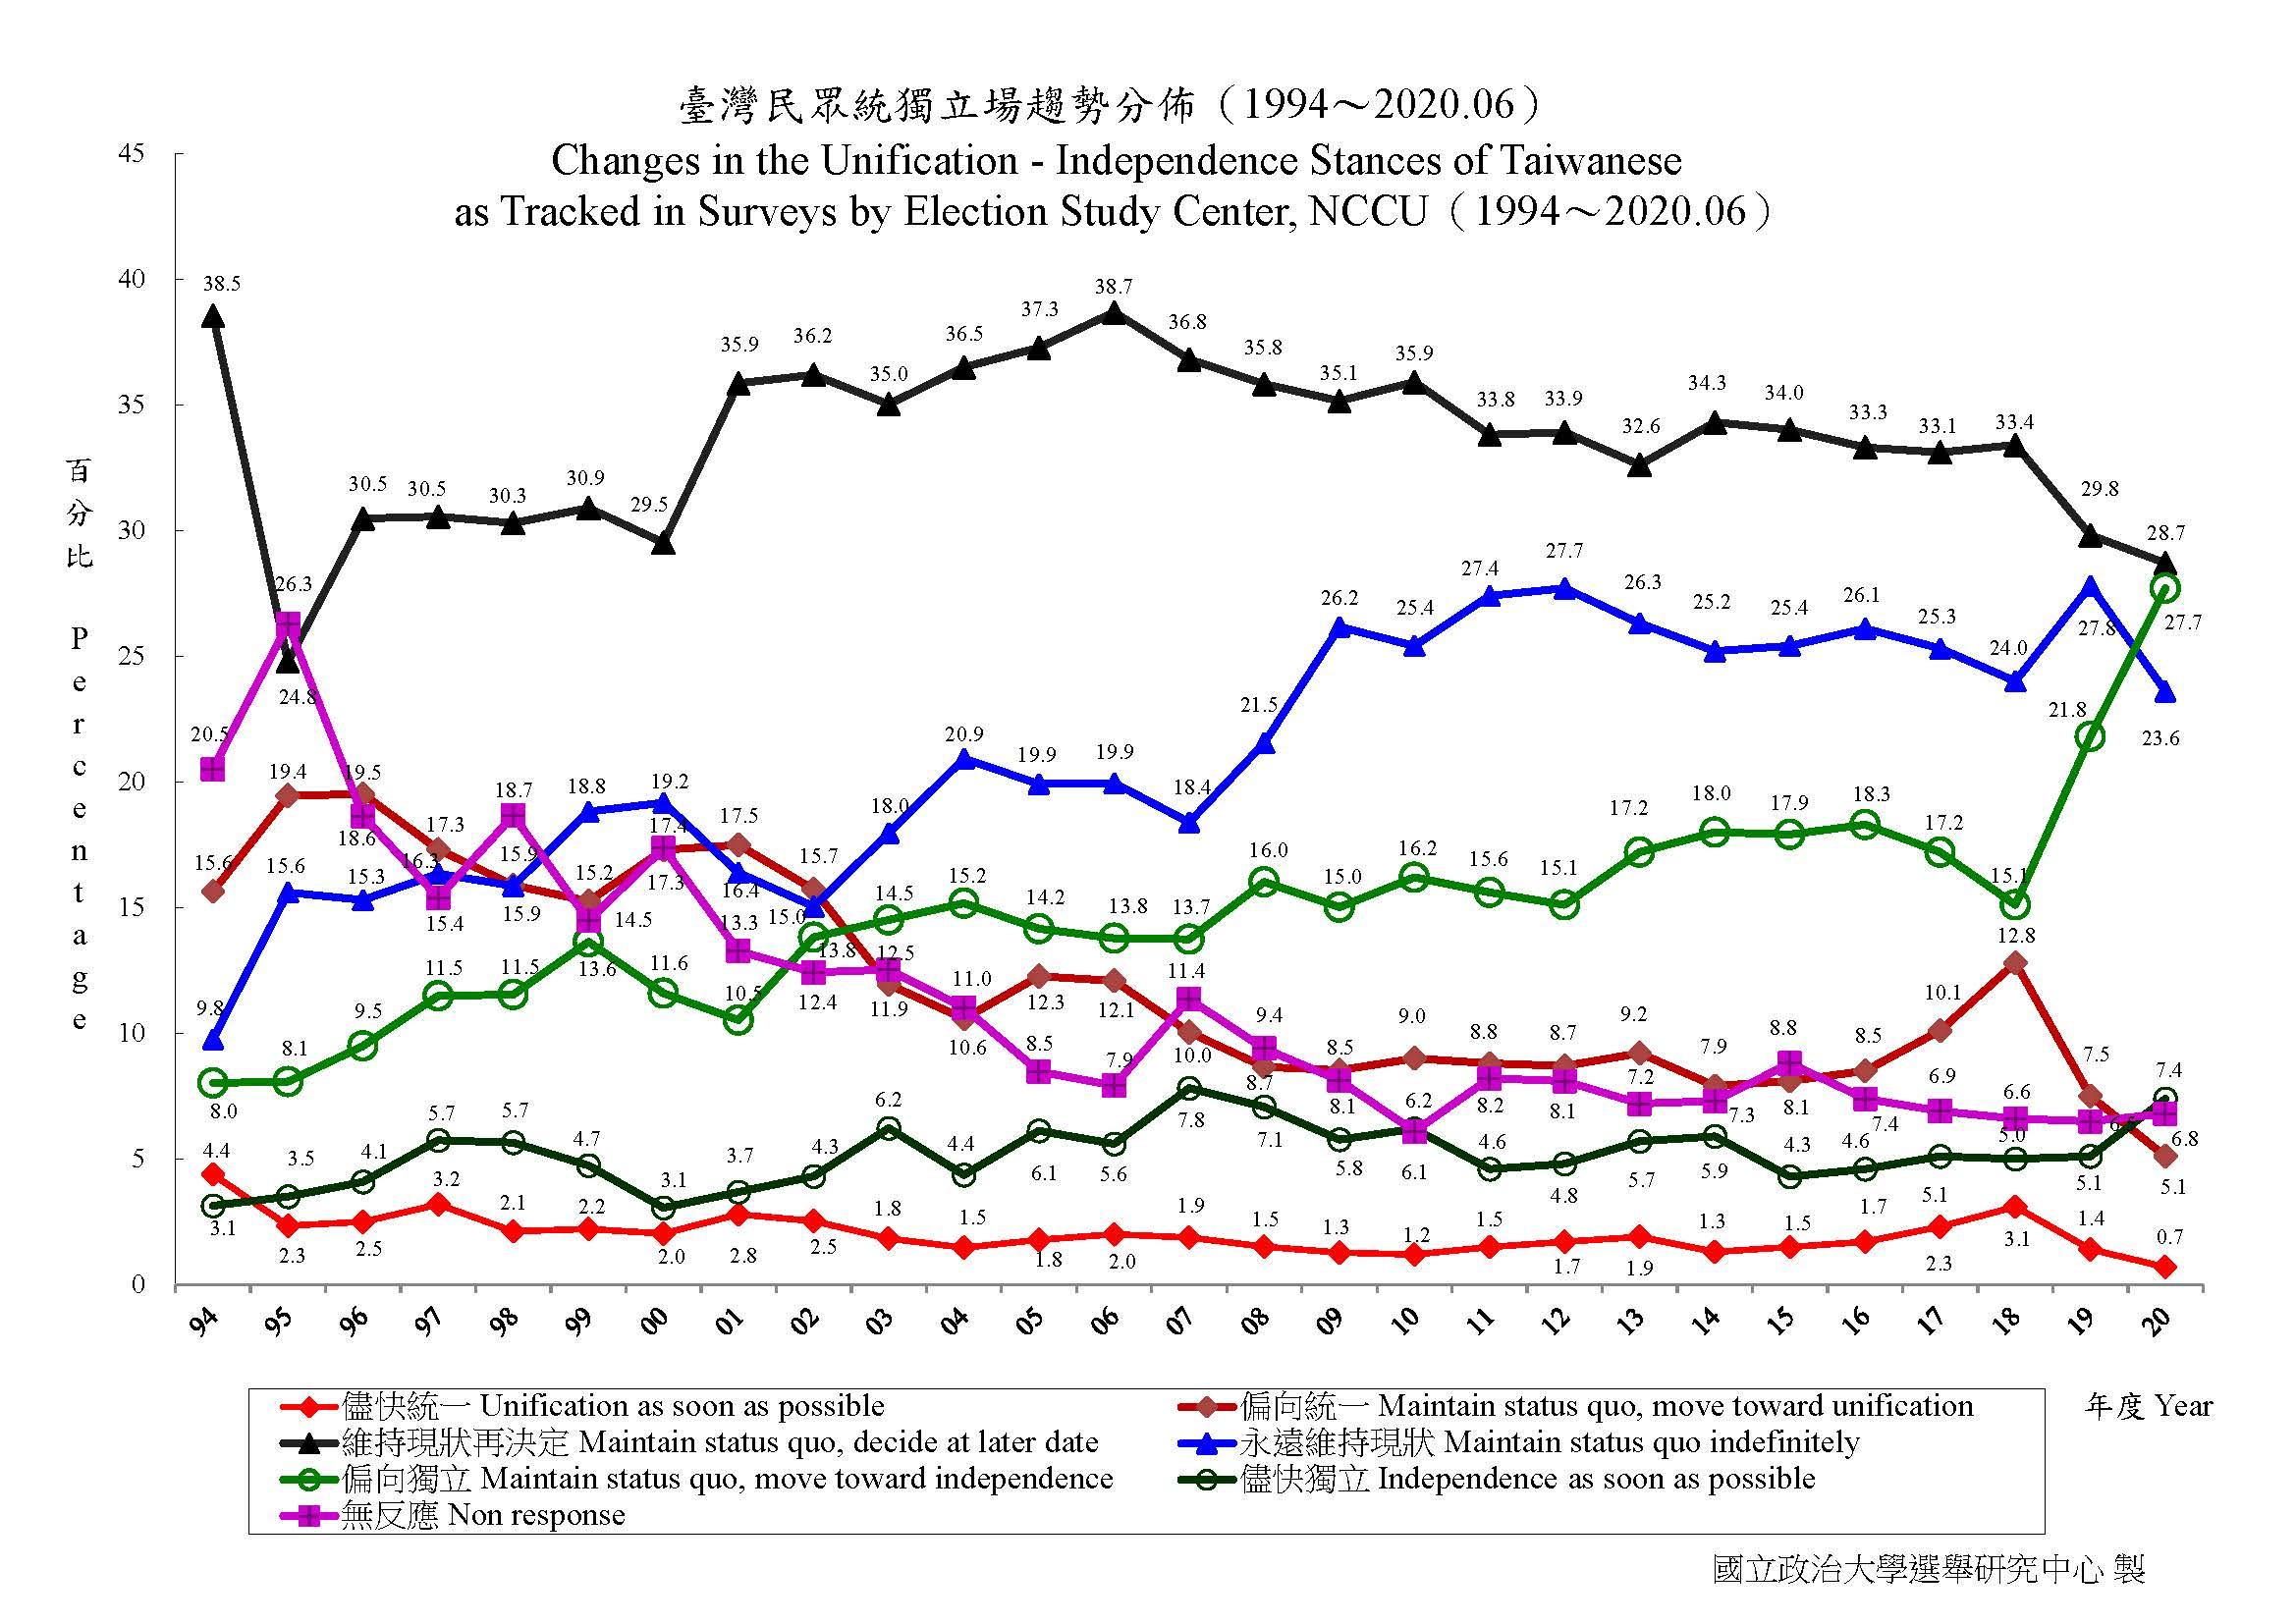 政治大學選研中心在1996年和2020年的統獨立場民調顯示,主張臺獨者(含「儘快獨立」和「偏向獨立」)從13.6%上升到35.1%;主張獨臺者(含「維持現狀」和「永遠維持現狀」)從45.8%上升到52.3%;主張統一者(含「儘快統一」和「偏向統一」)從22%降為5.8%。(資料擷取自:政治大學選舉研究中心)